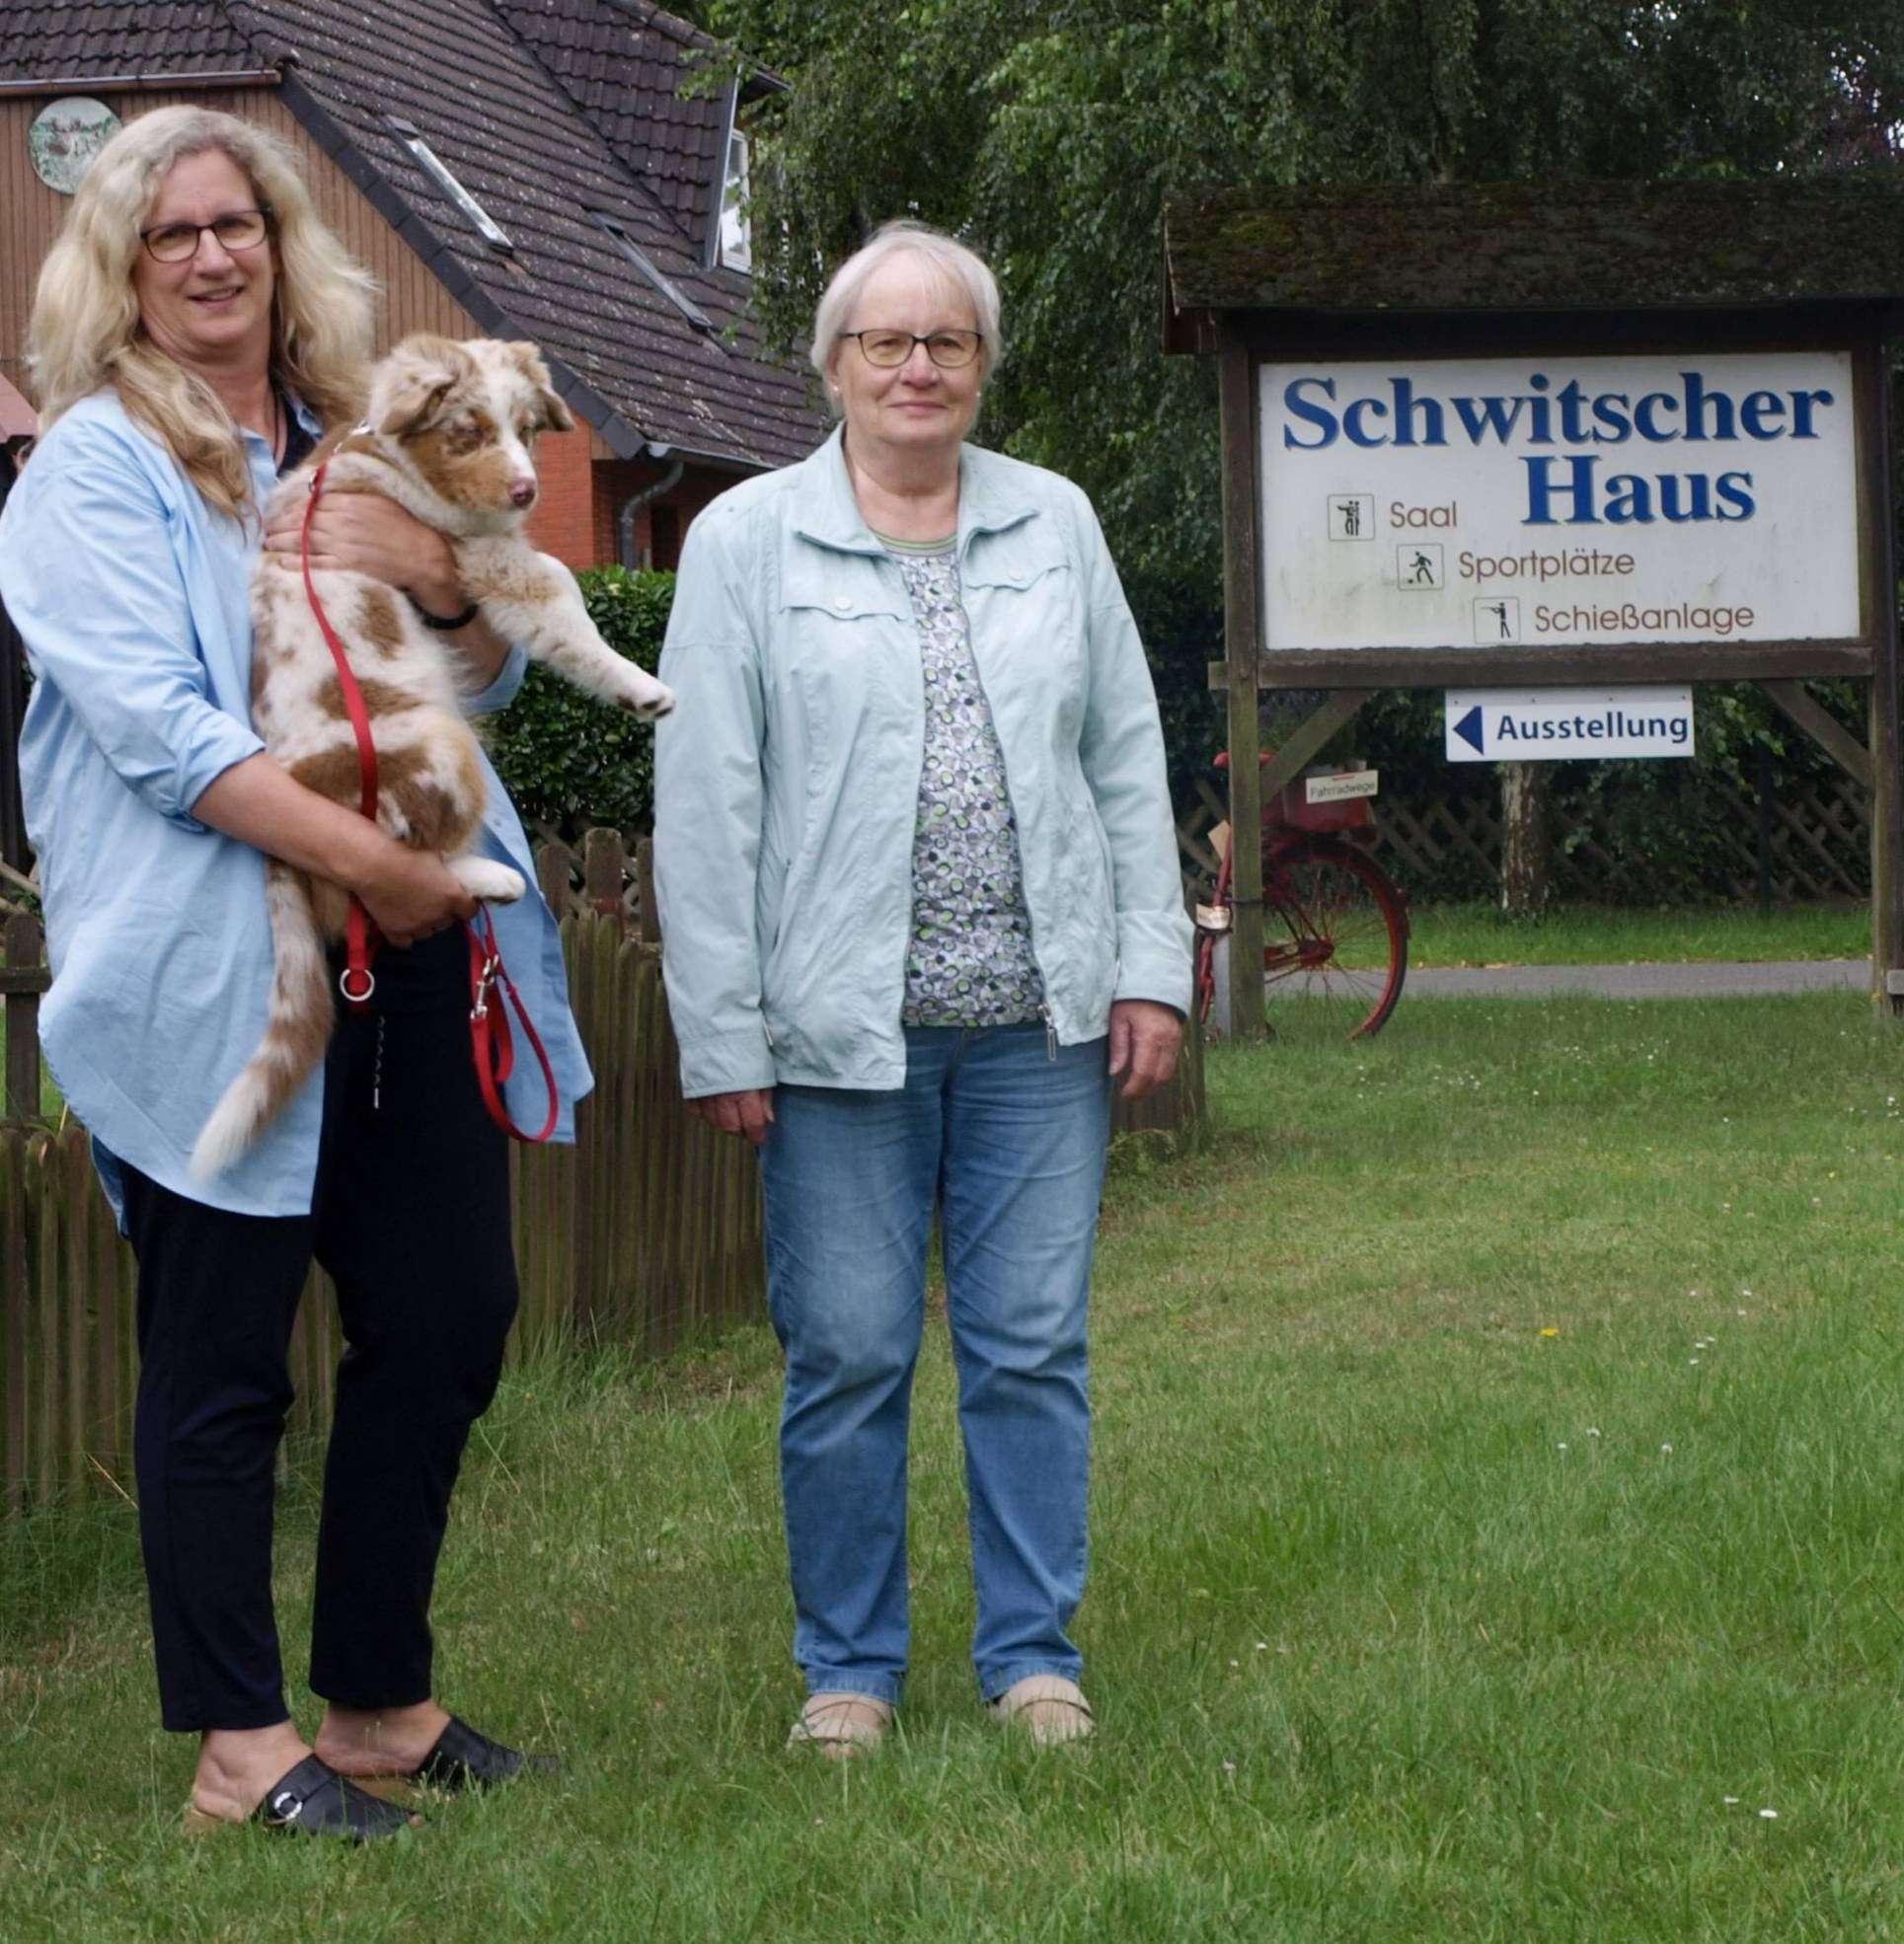 Dörte Worthmann (links) und Bärbel Becker wollen den Bau direkt vor dem Haus verhindern.  Foto: Jens Wieters